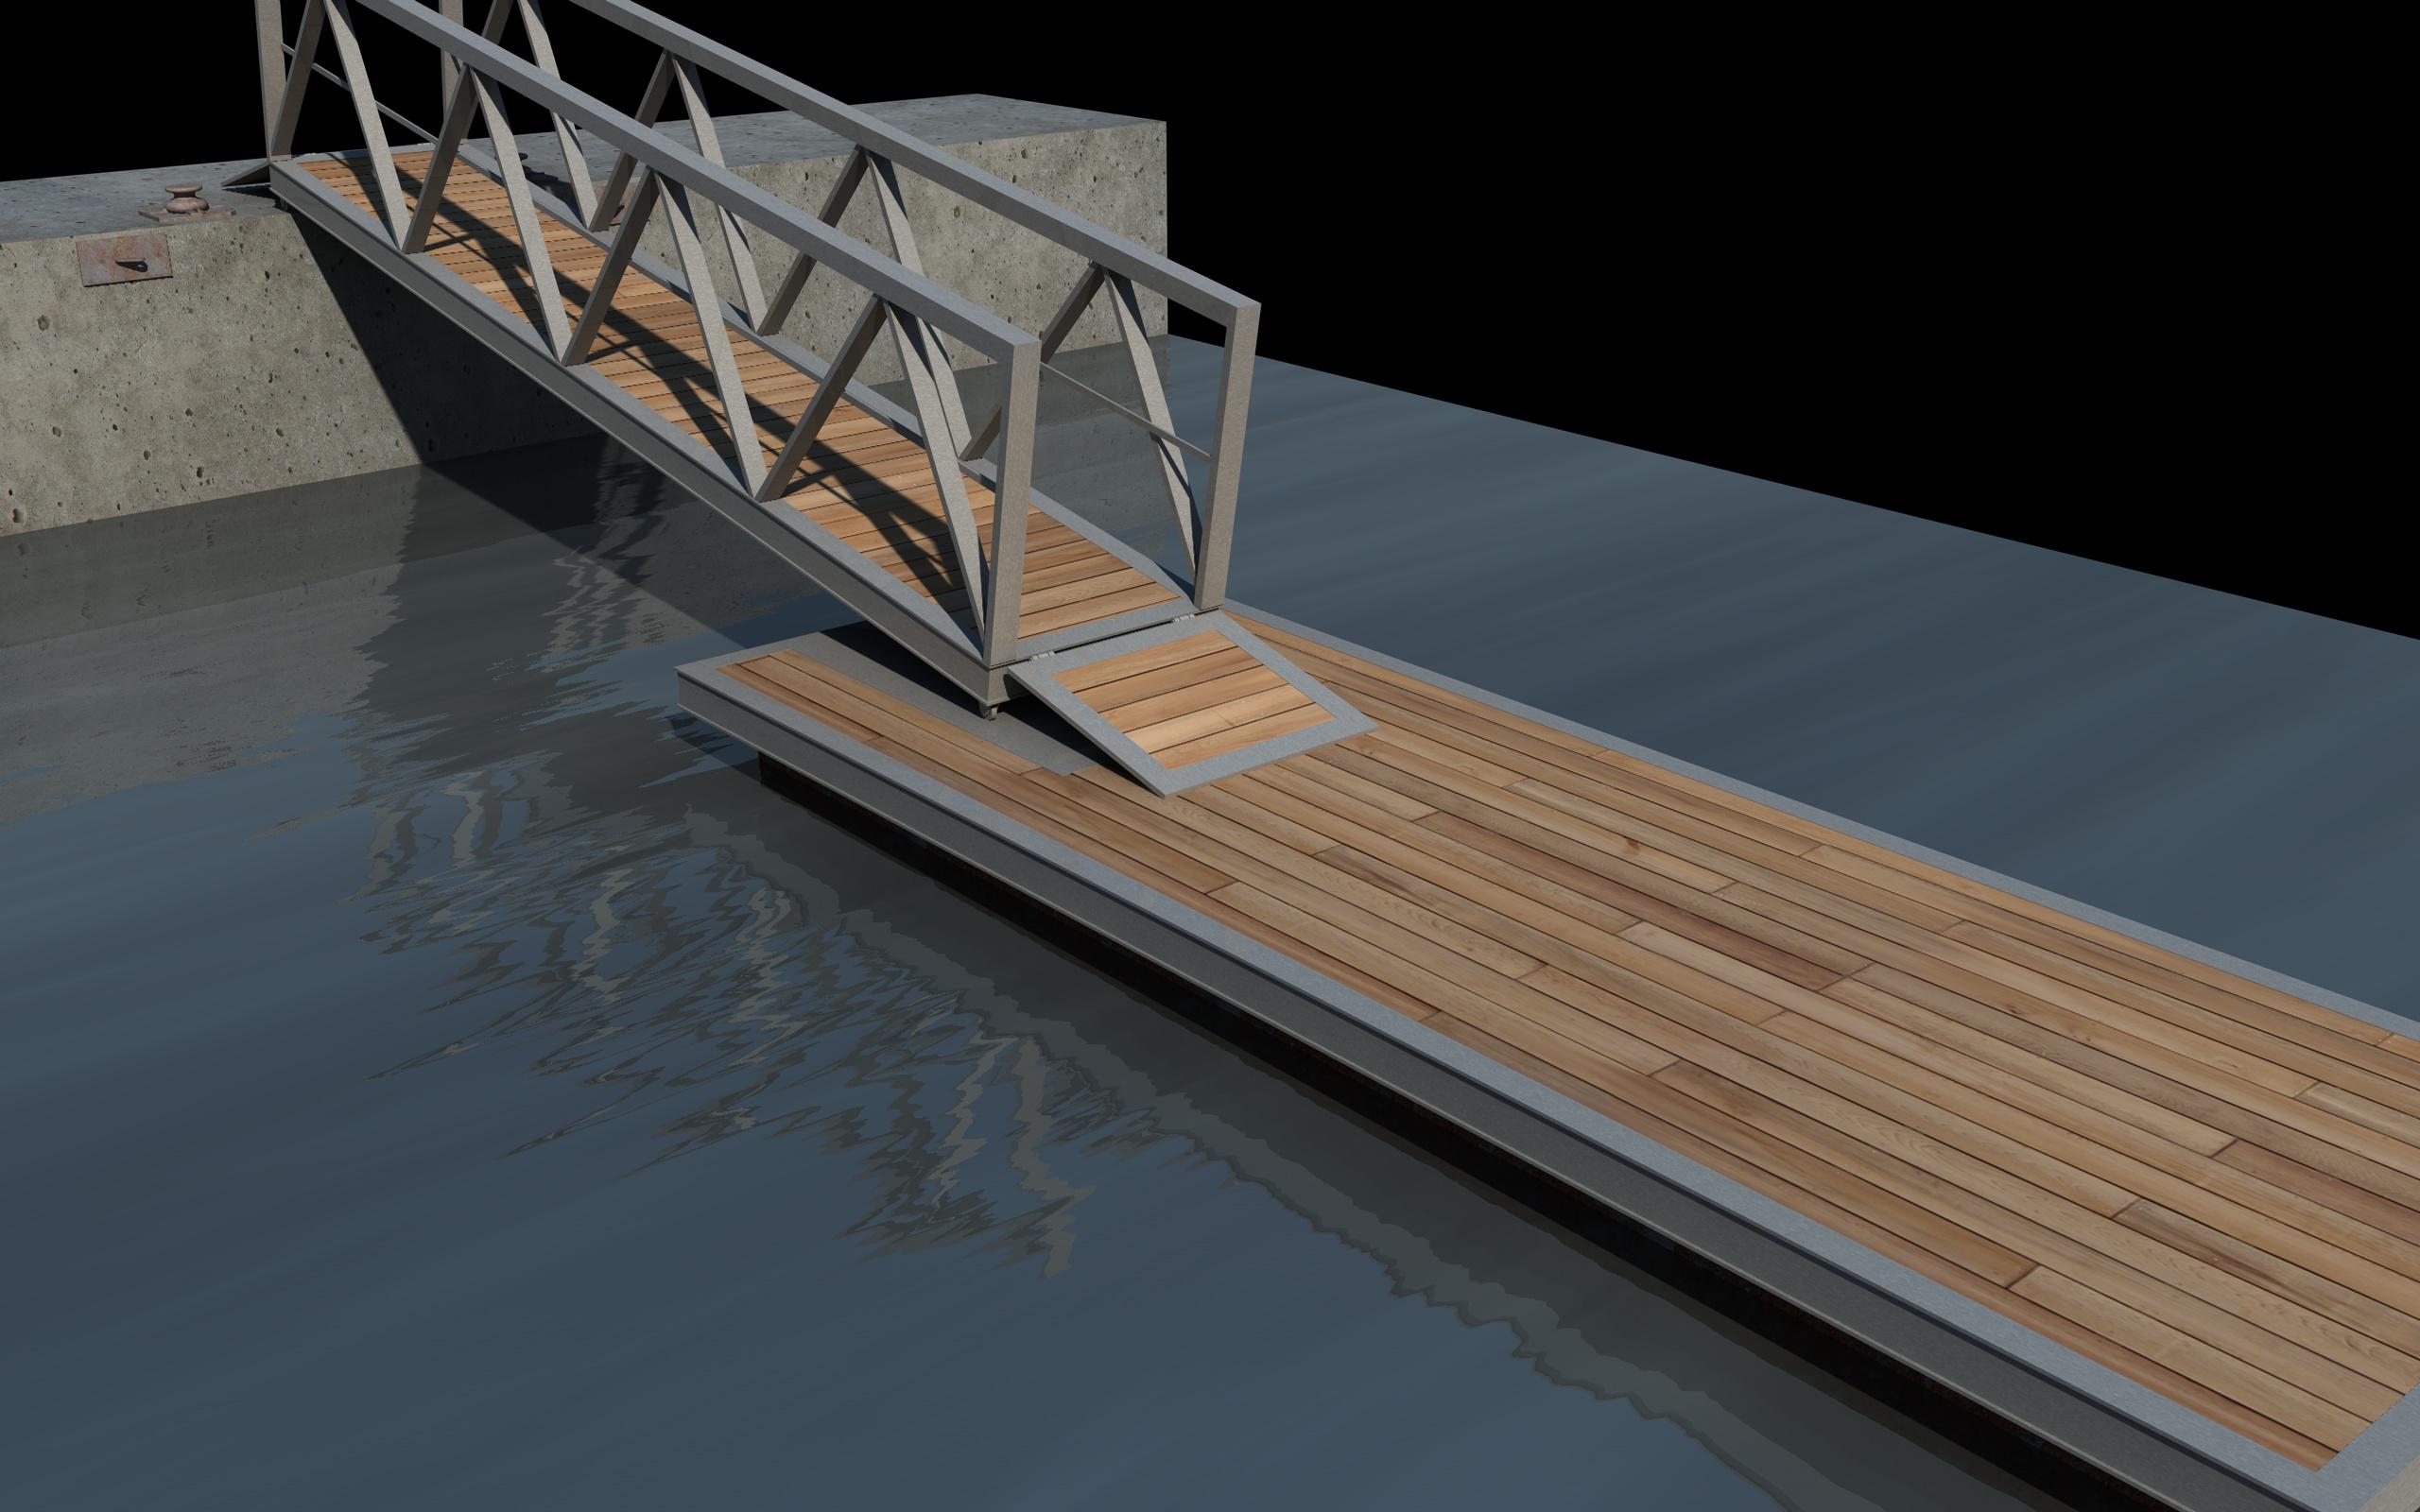 bangka pier dock 3d modelo 3ds dxf fbx c4d skp obj 148406